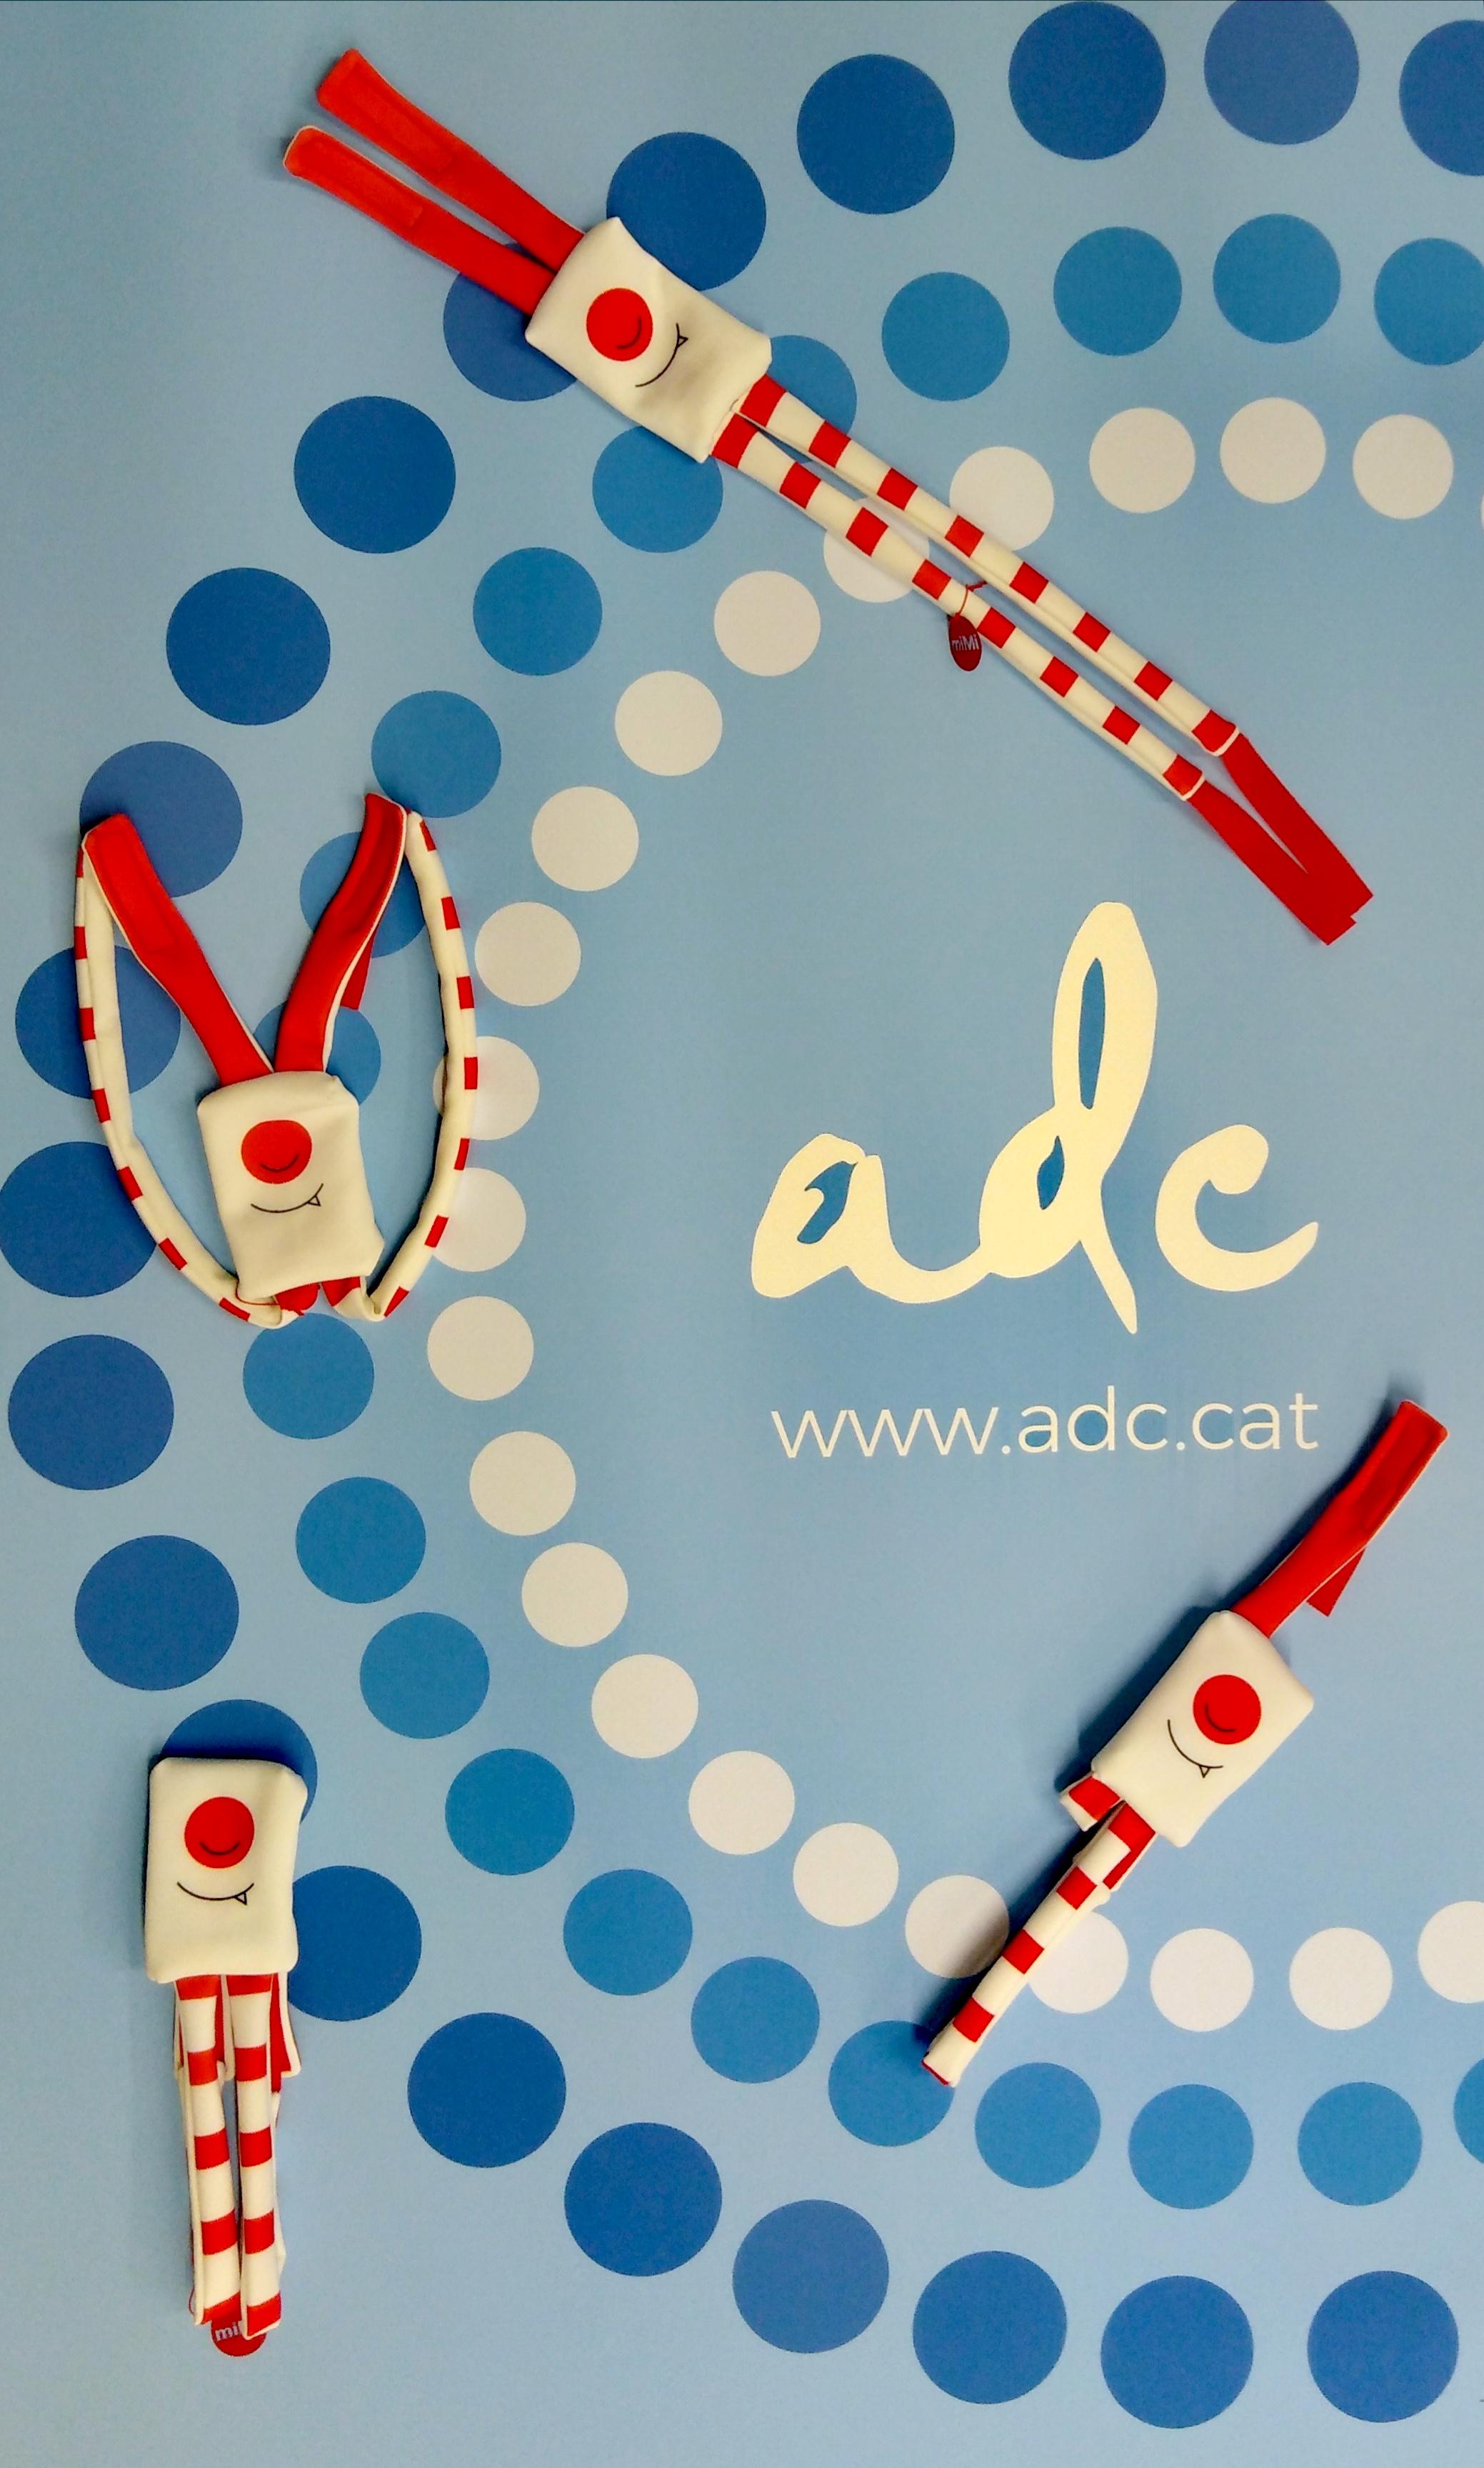 ADC accesorio